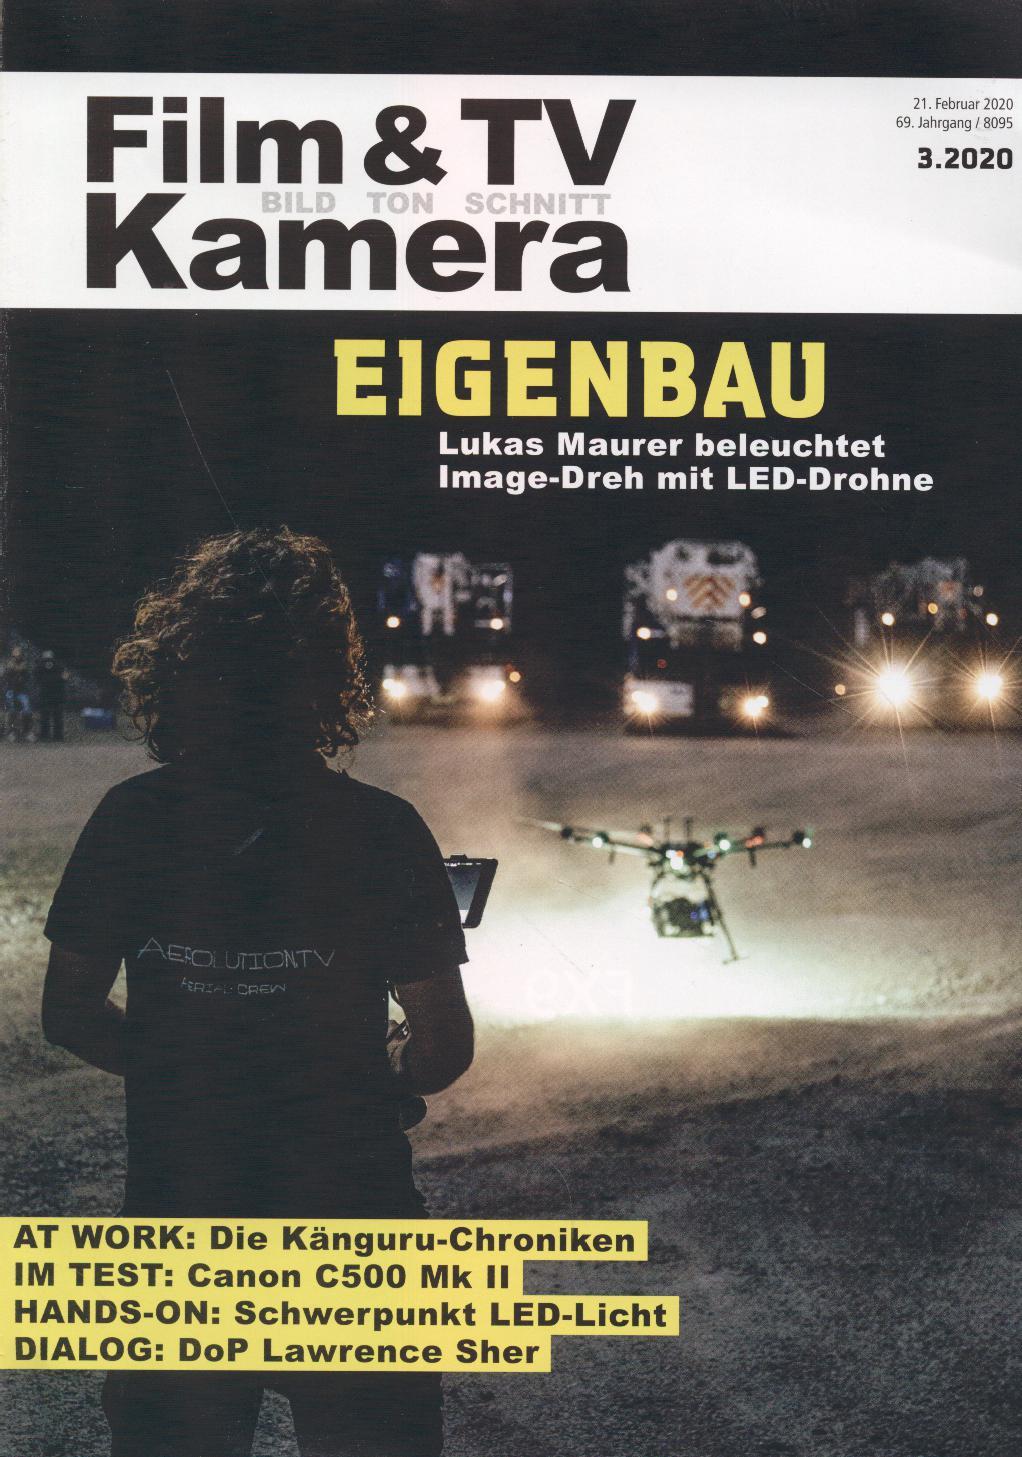 Film- und Tv-Kameramann